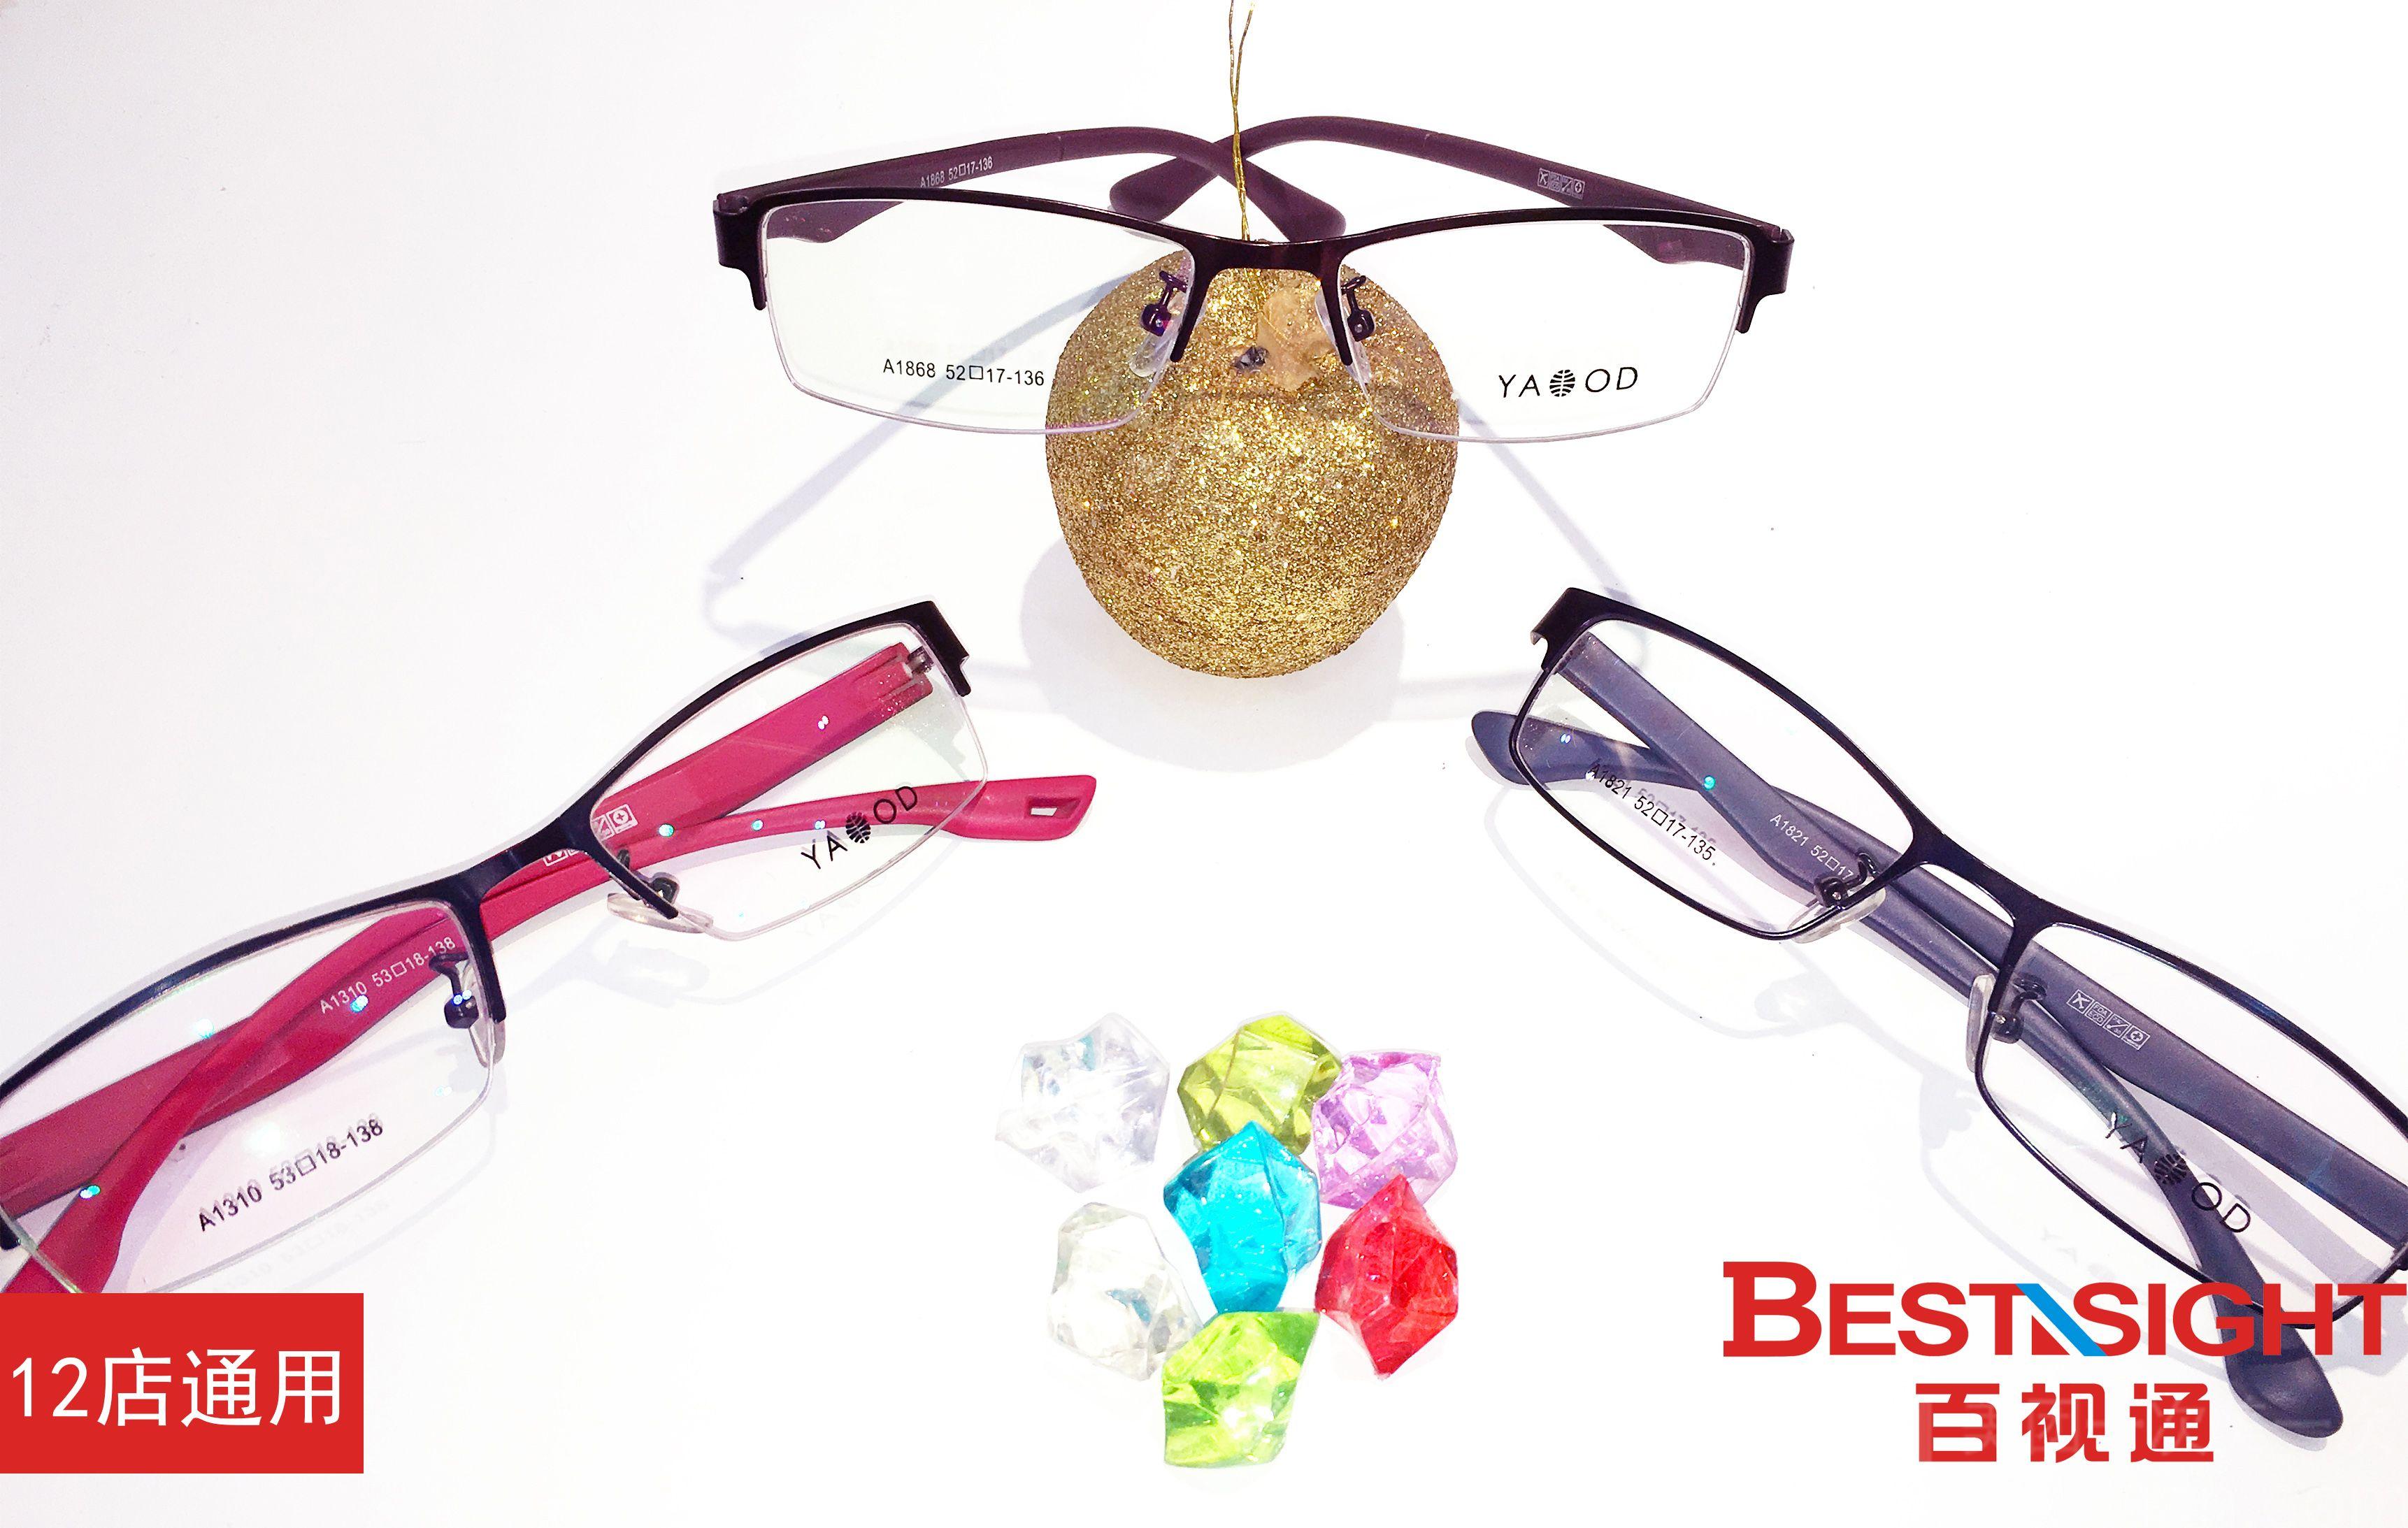 :长沙今日团购:【百视通眼镜超市】超值配镜套餐一